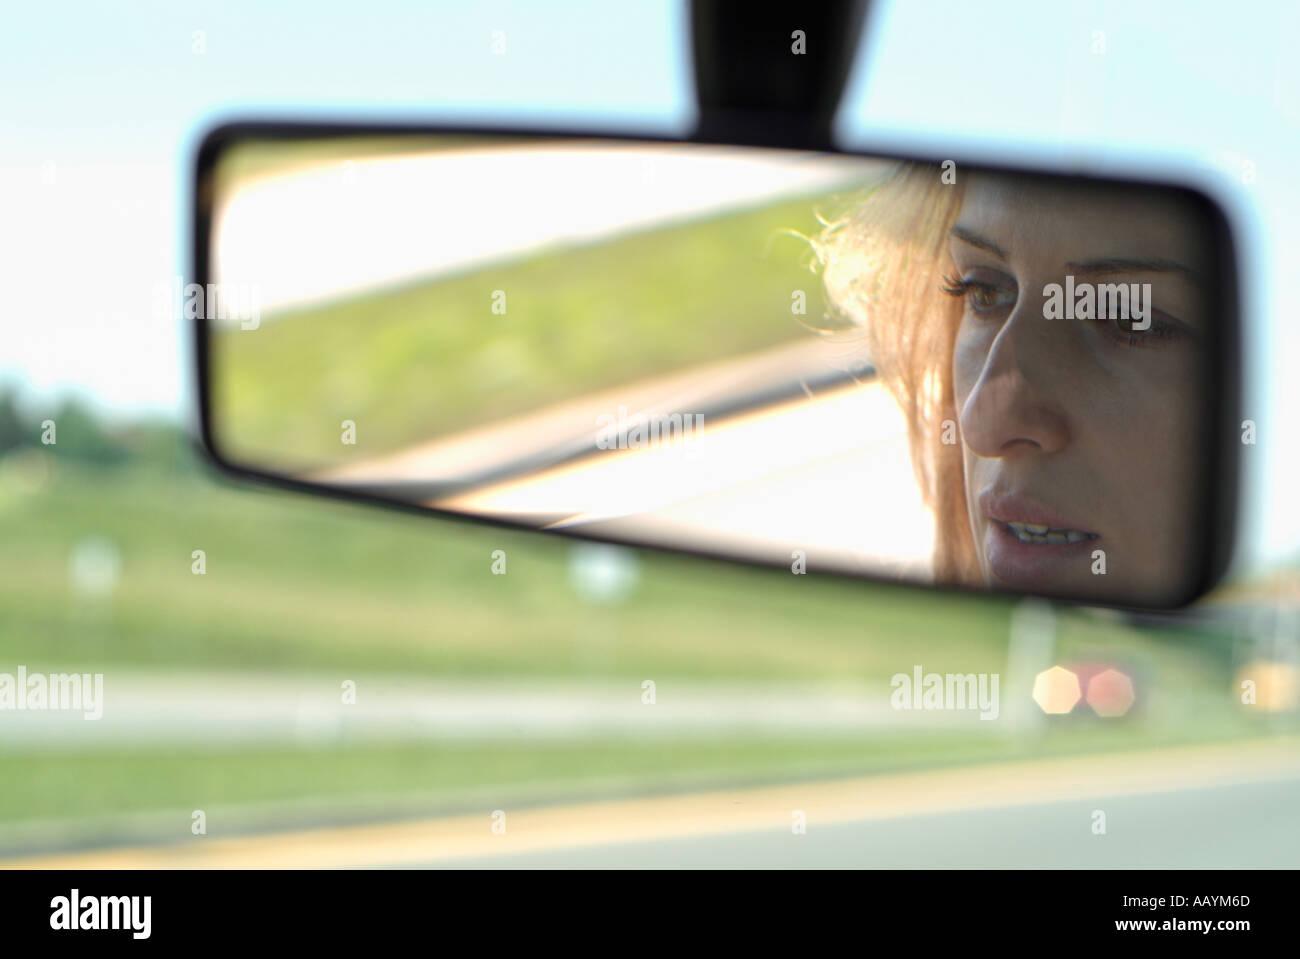 Donna in specchietto retrovisore di una vettura guida in autostrada Immagini Stock